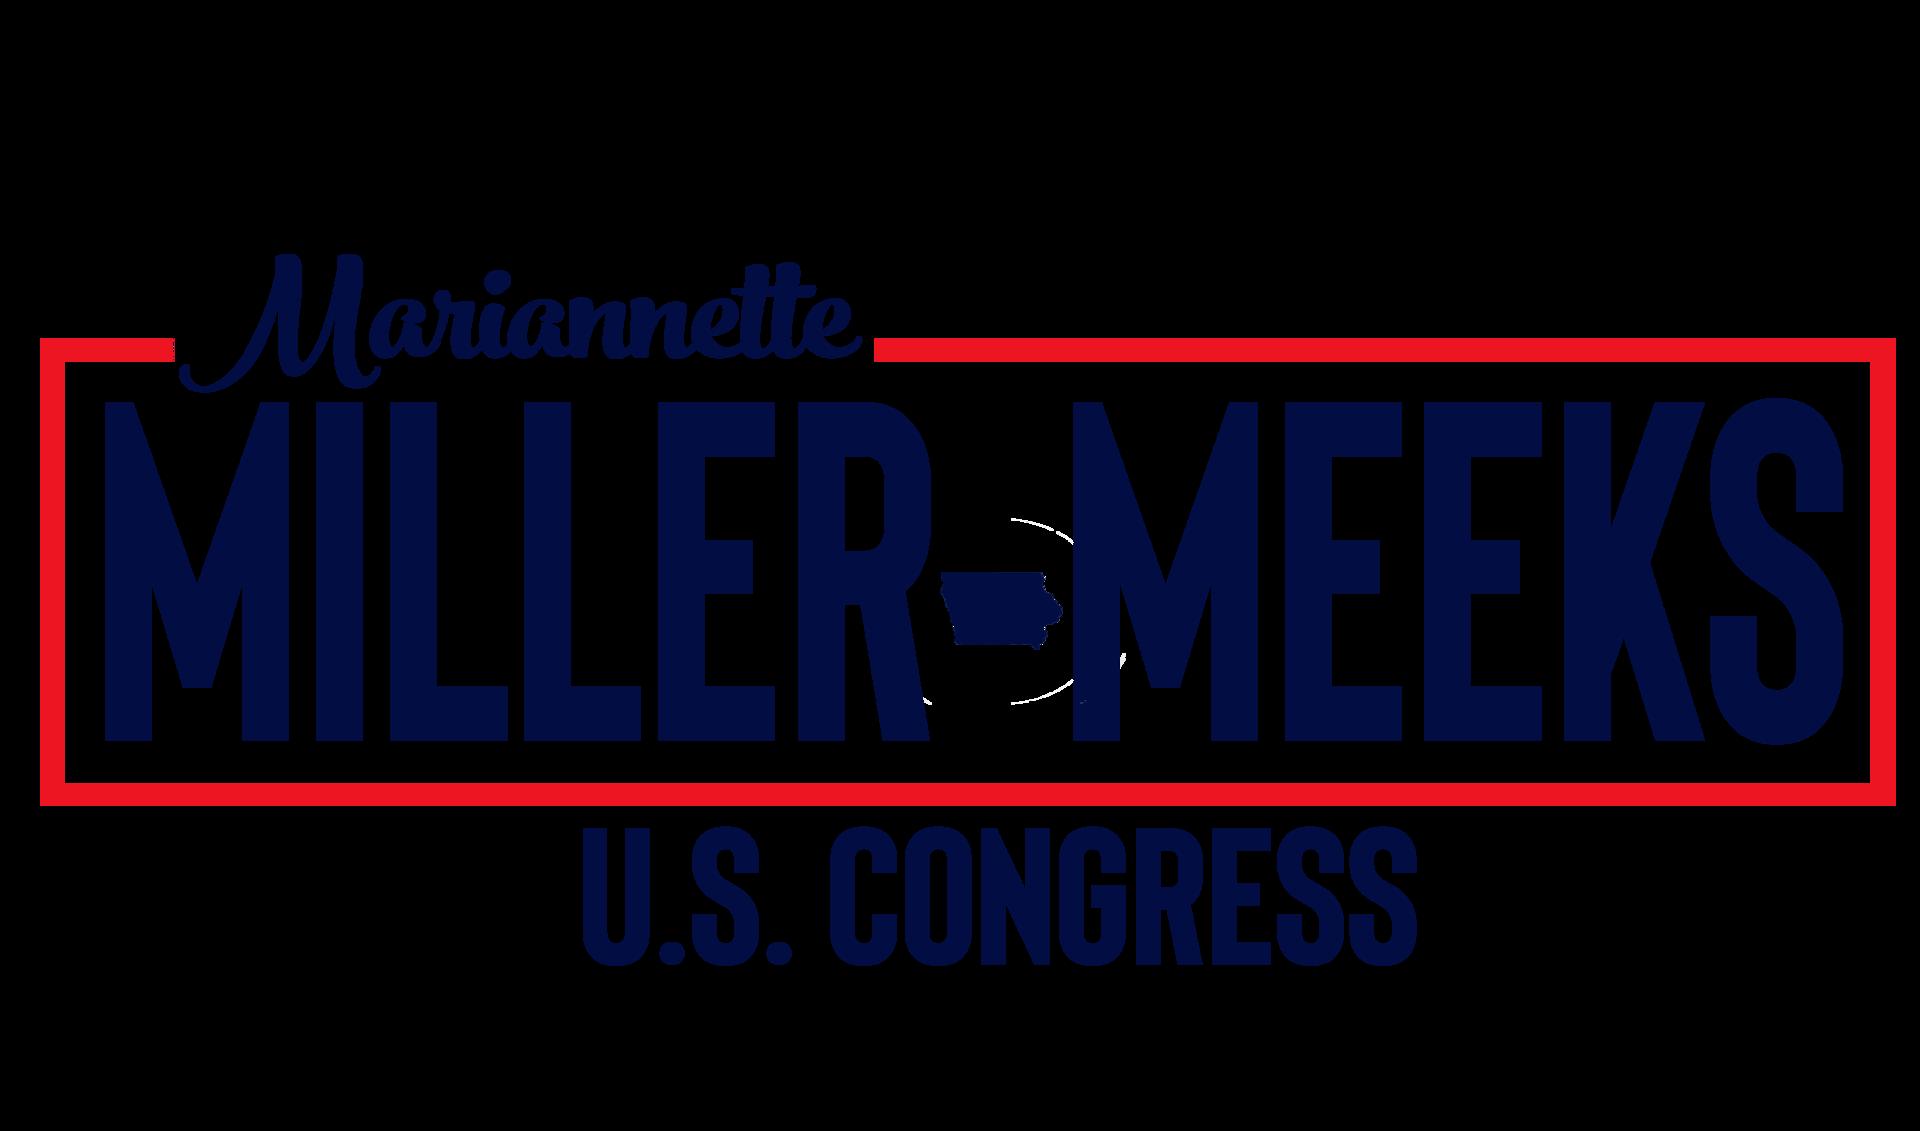 Small file logo